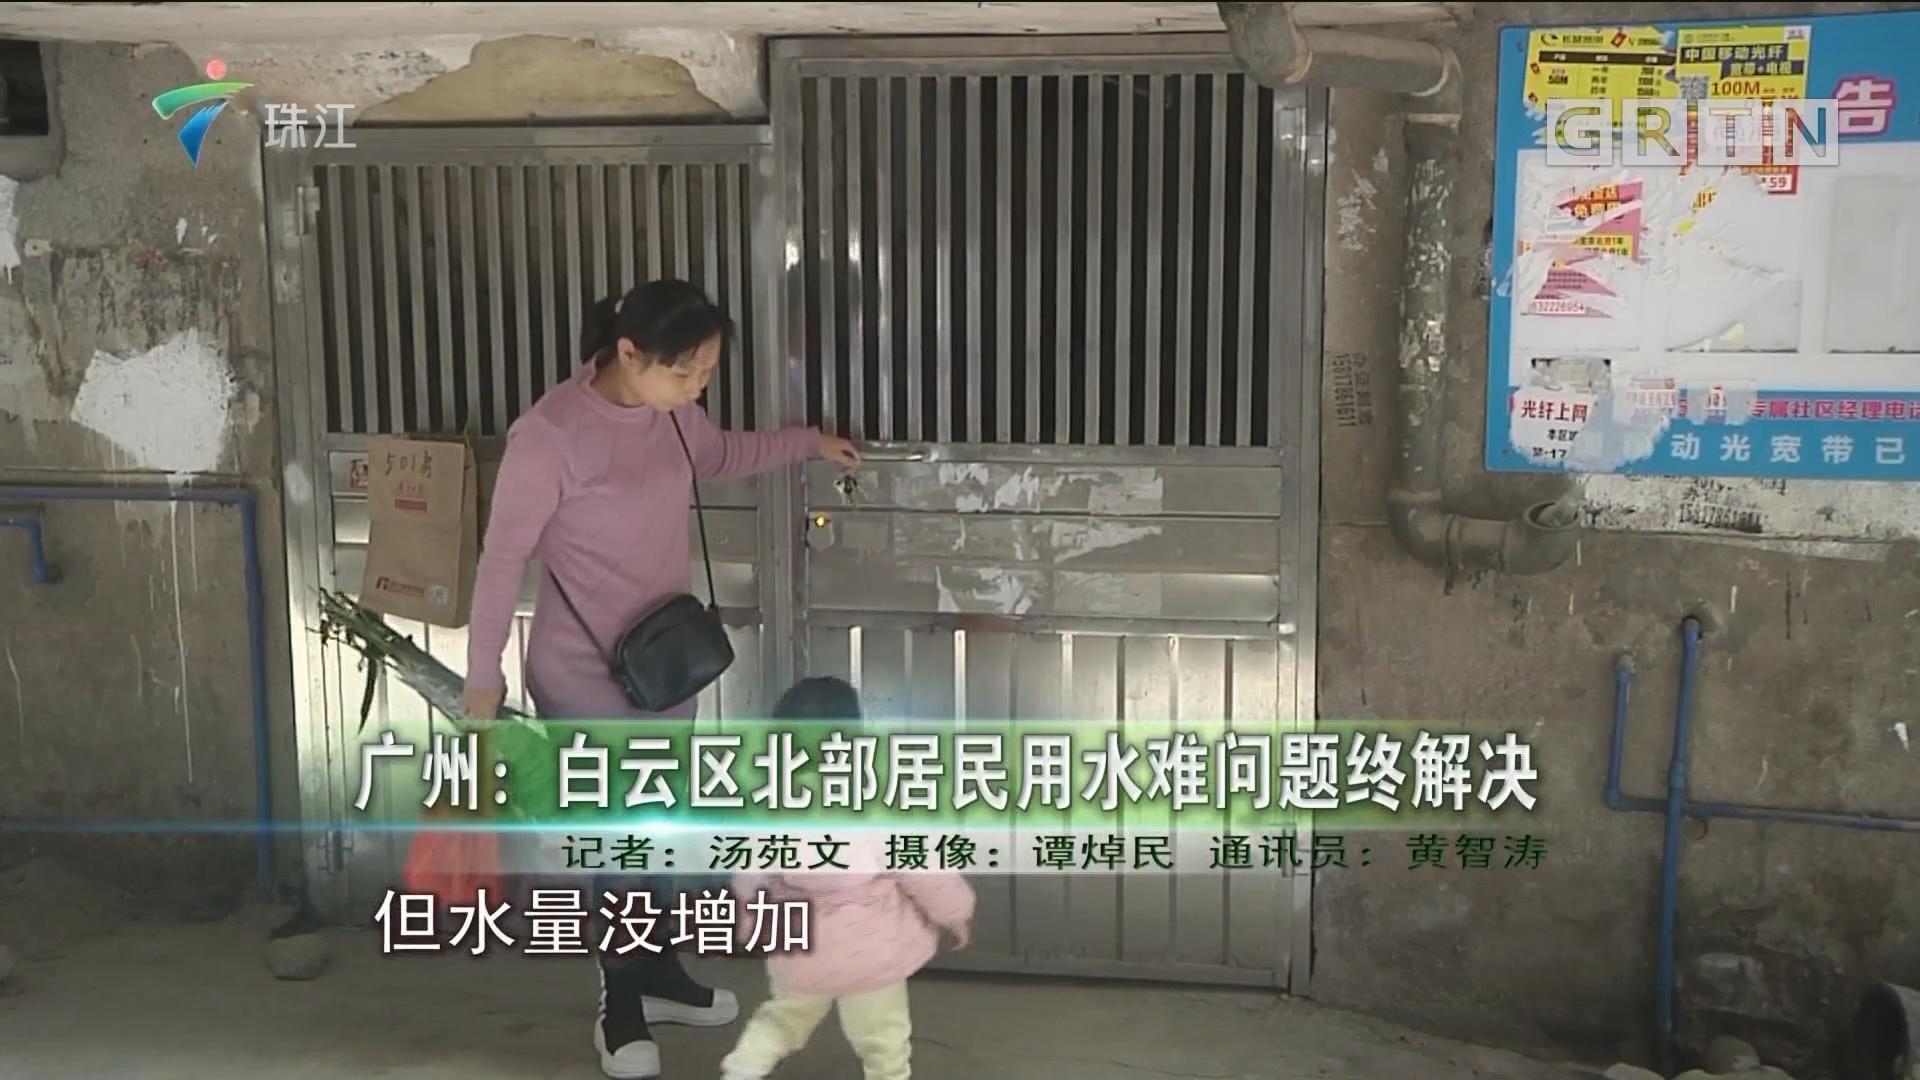 广州:白云区北部居民用水难问题终解决